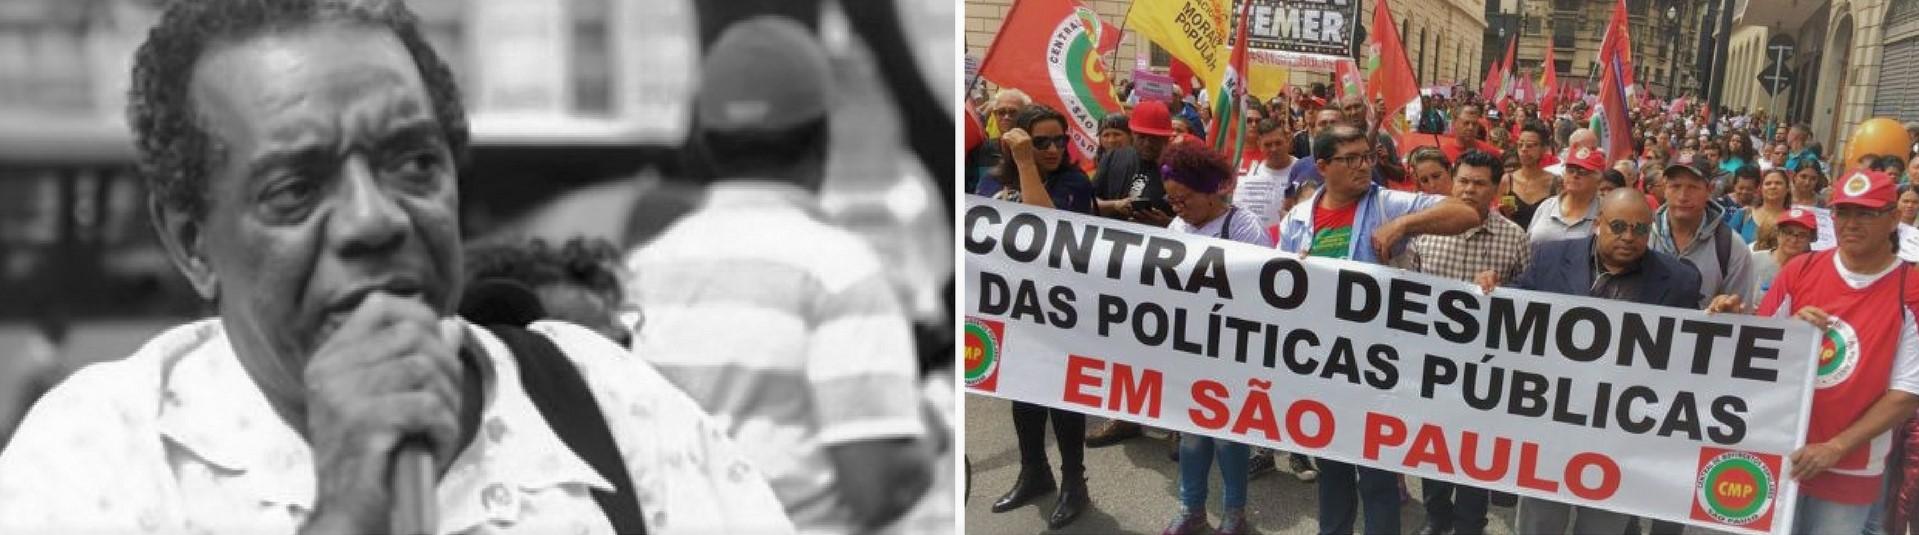 FASE presta solidariedade ao militante histórico Dito